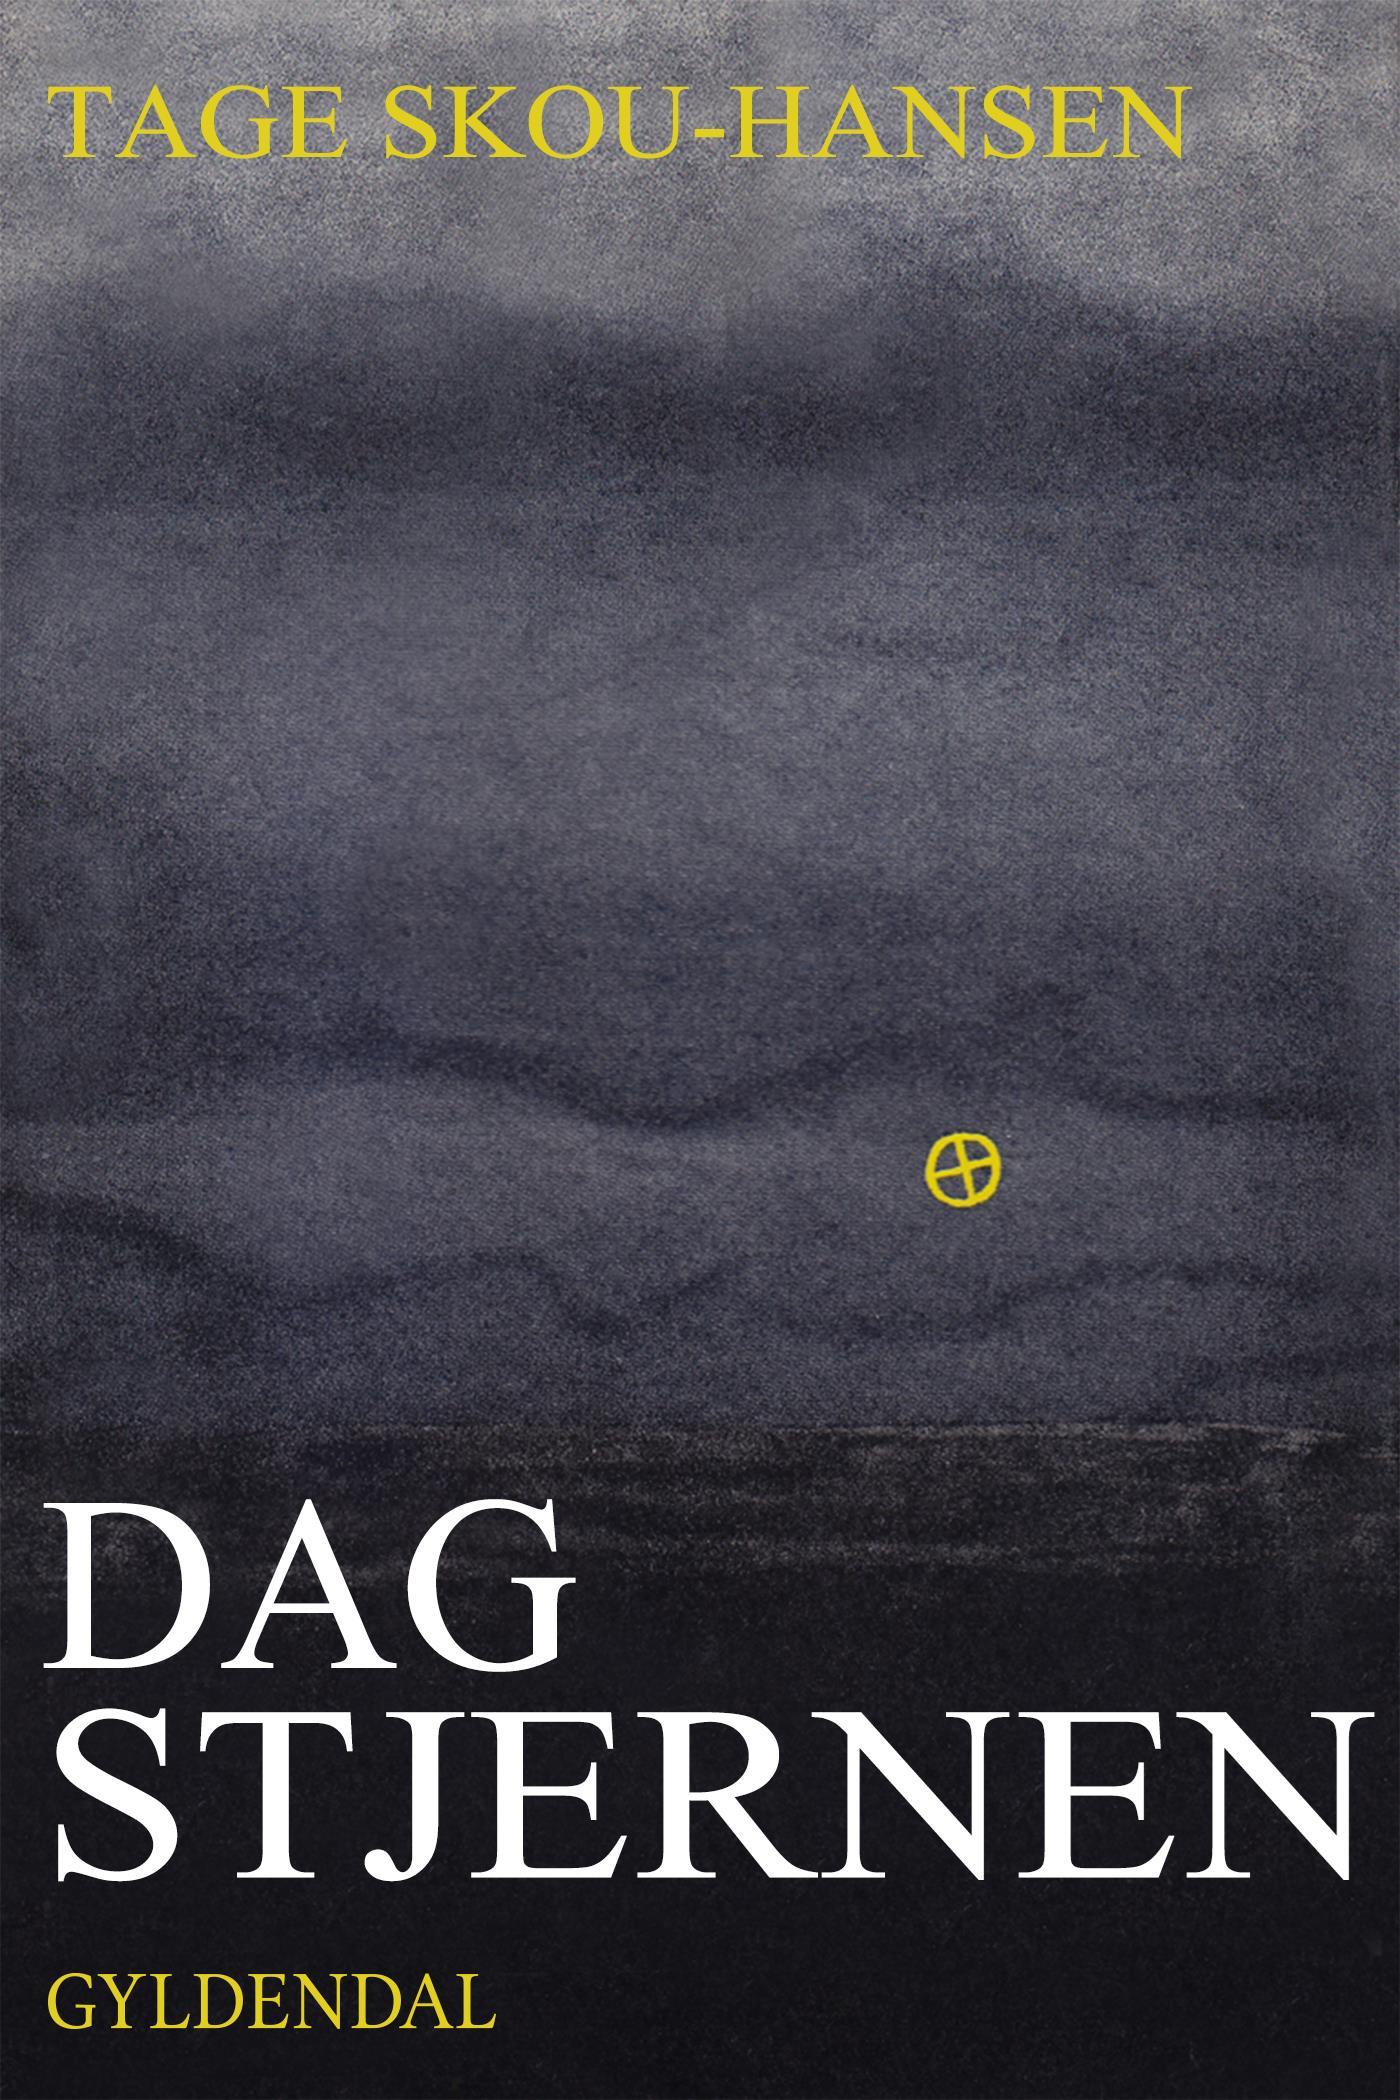 Dagstjernen - e-bog fra N/A på bog & mystik